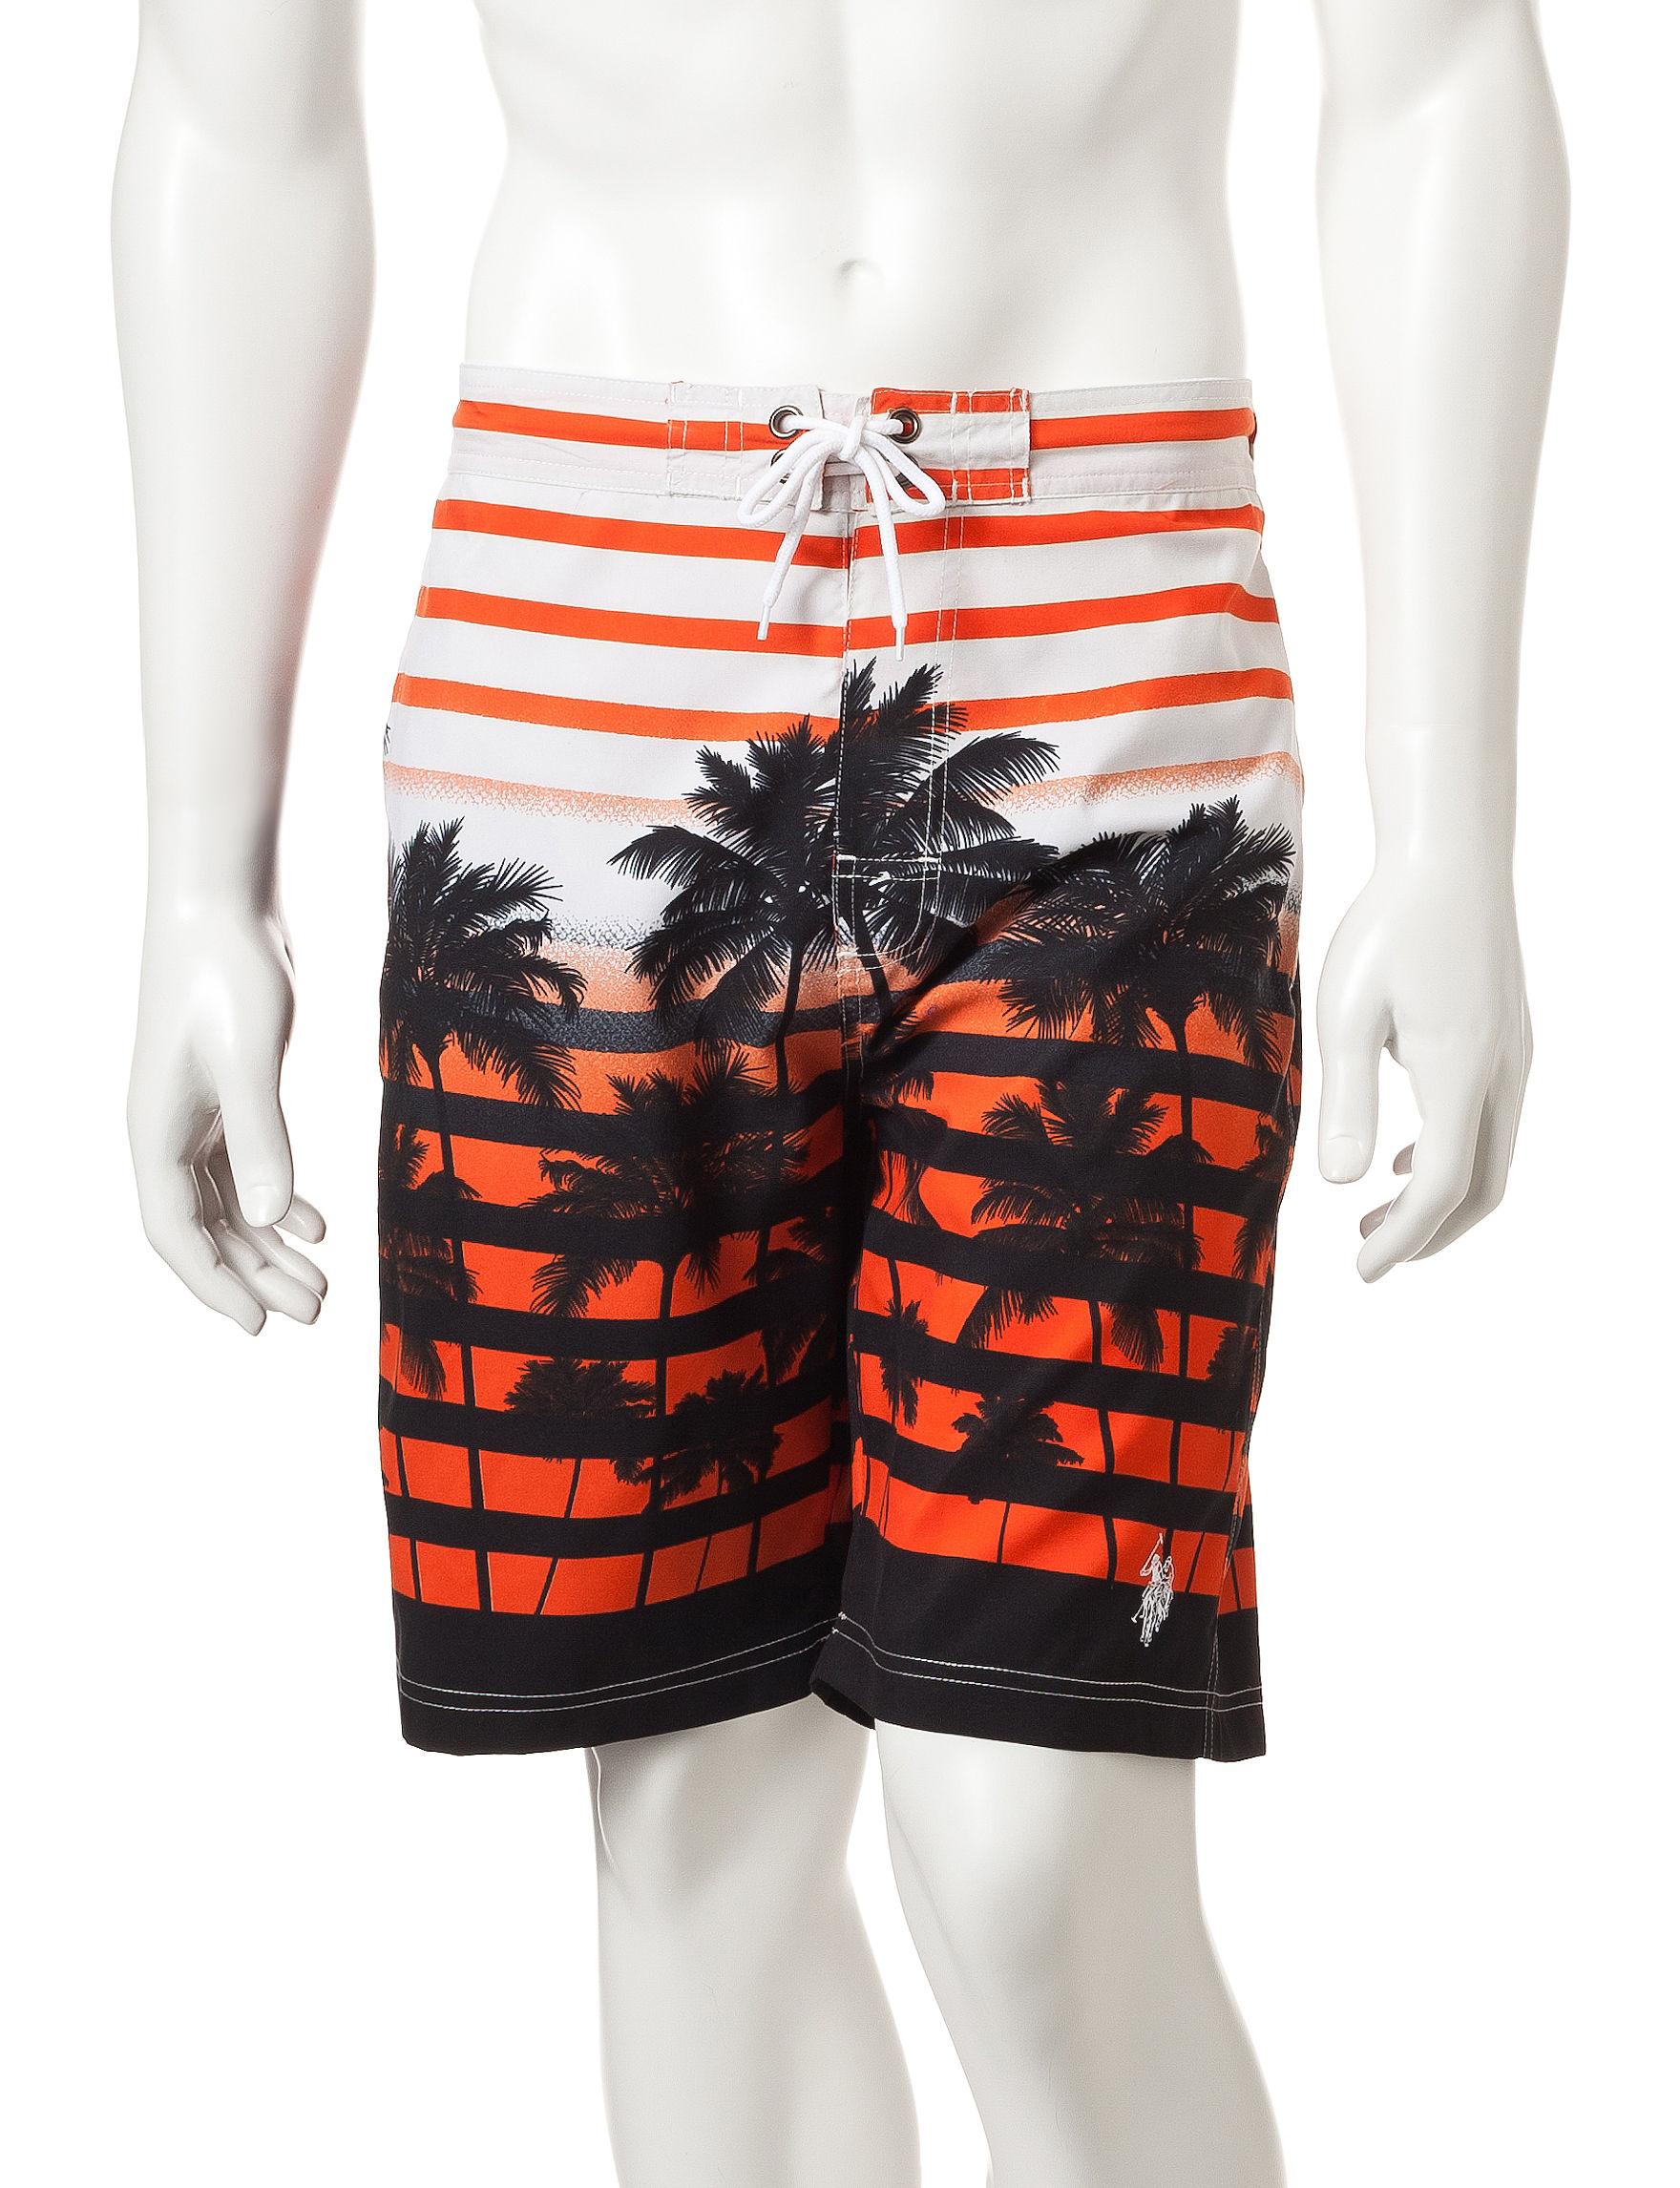 U.S. Polo Assn. Orange Multi Swimsuit Bottoms